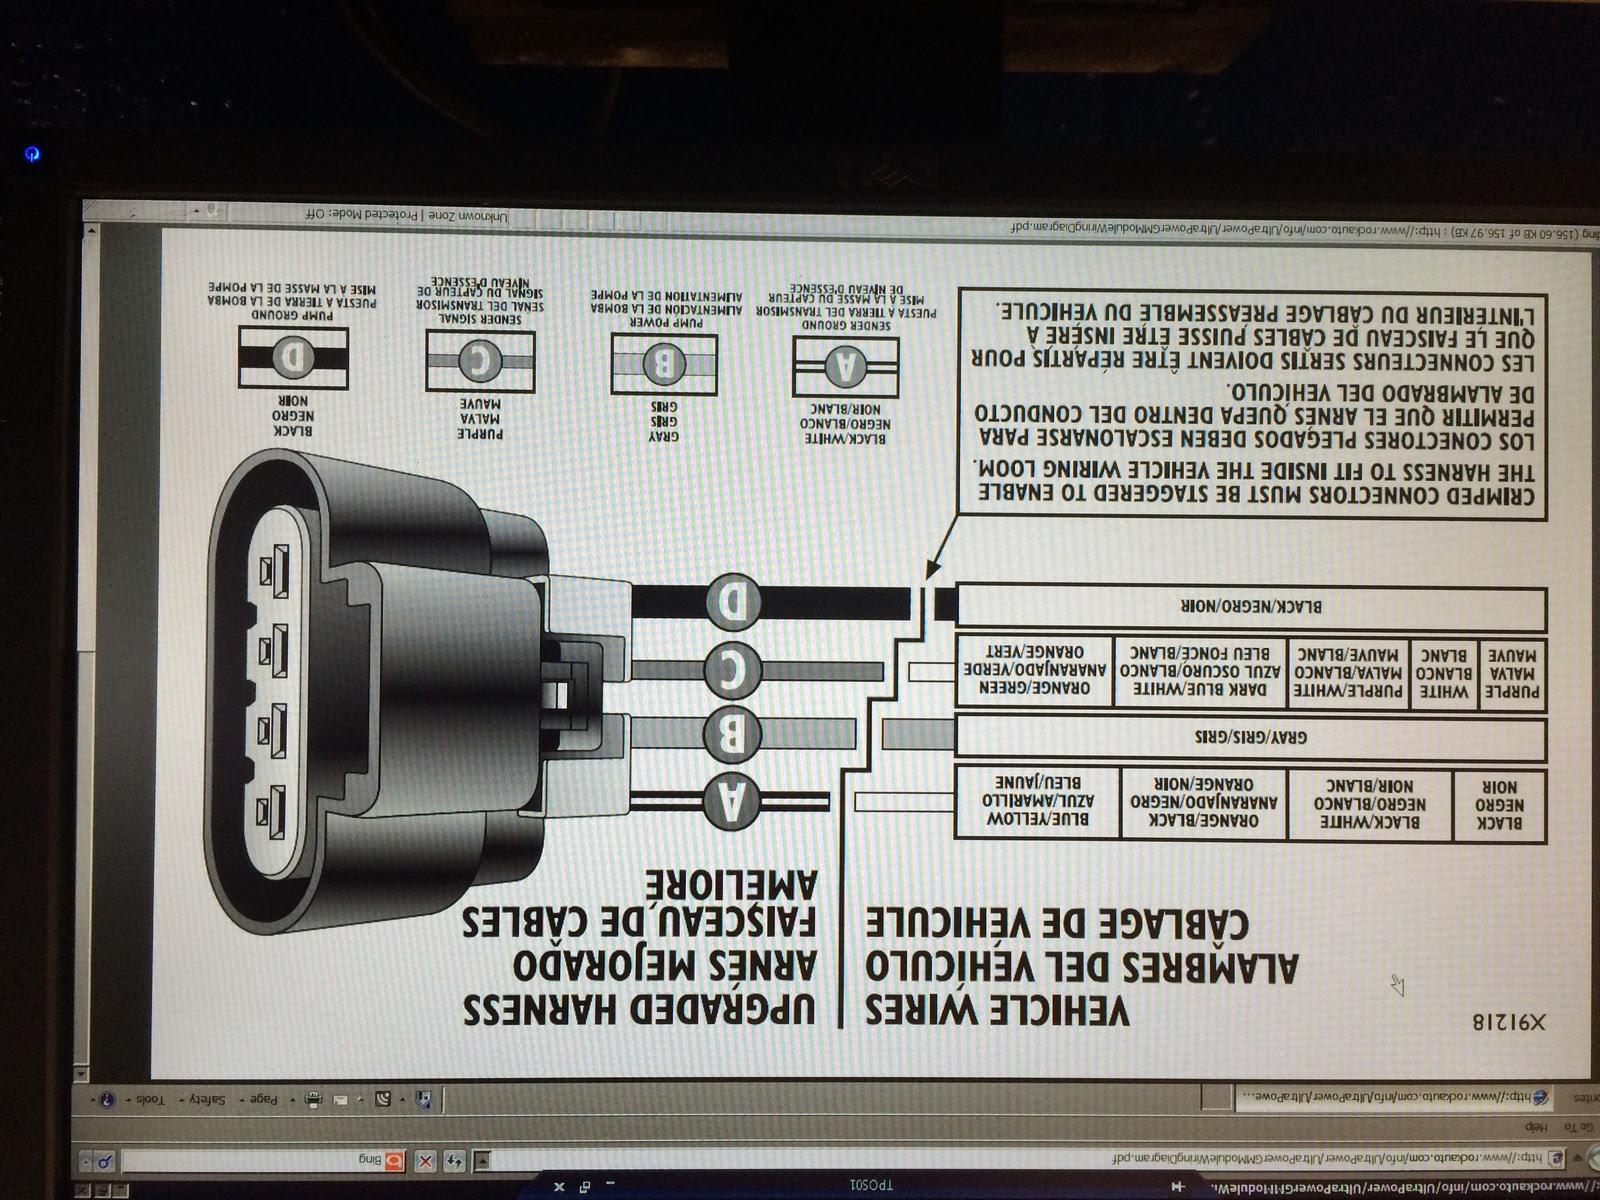 2000 Gmc Sierra 1500 Fuel Pump Wiring Diagram Wiring Diagram Ultimate2 Ultimate2 Musikami It